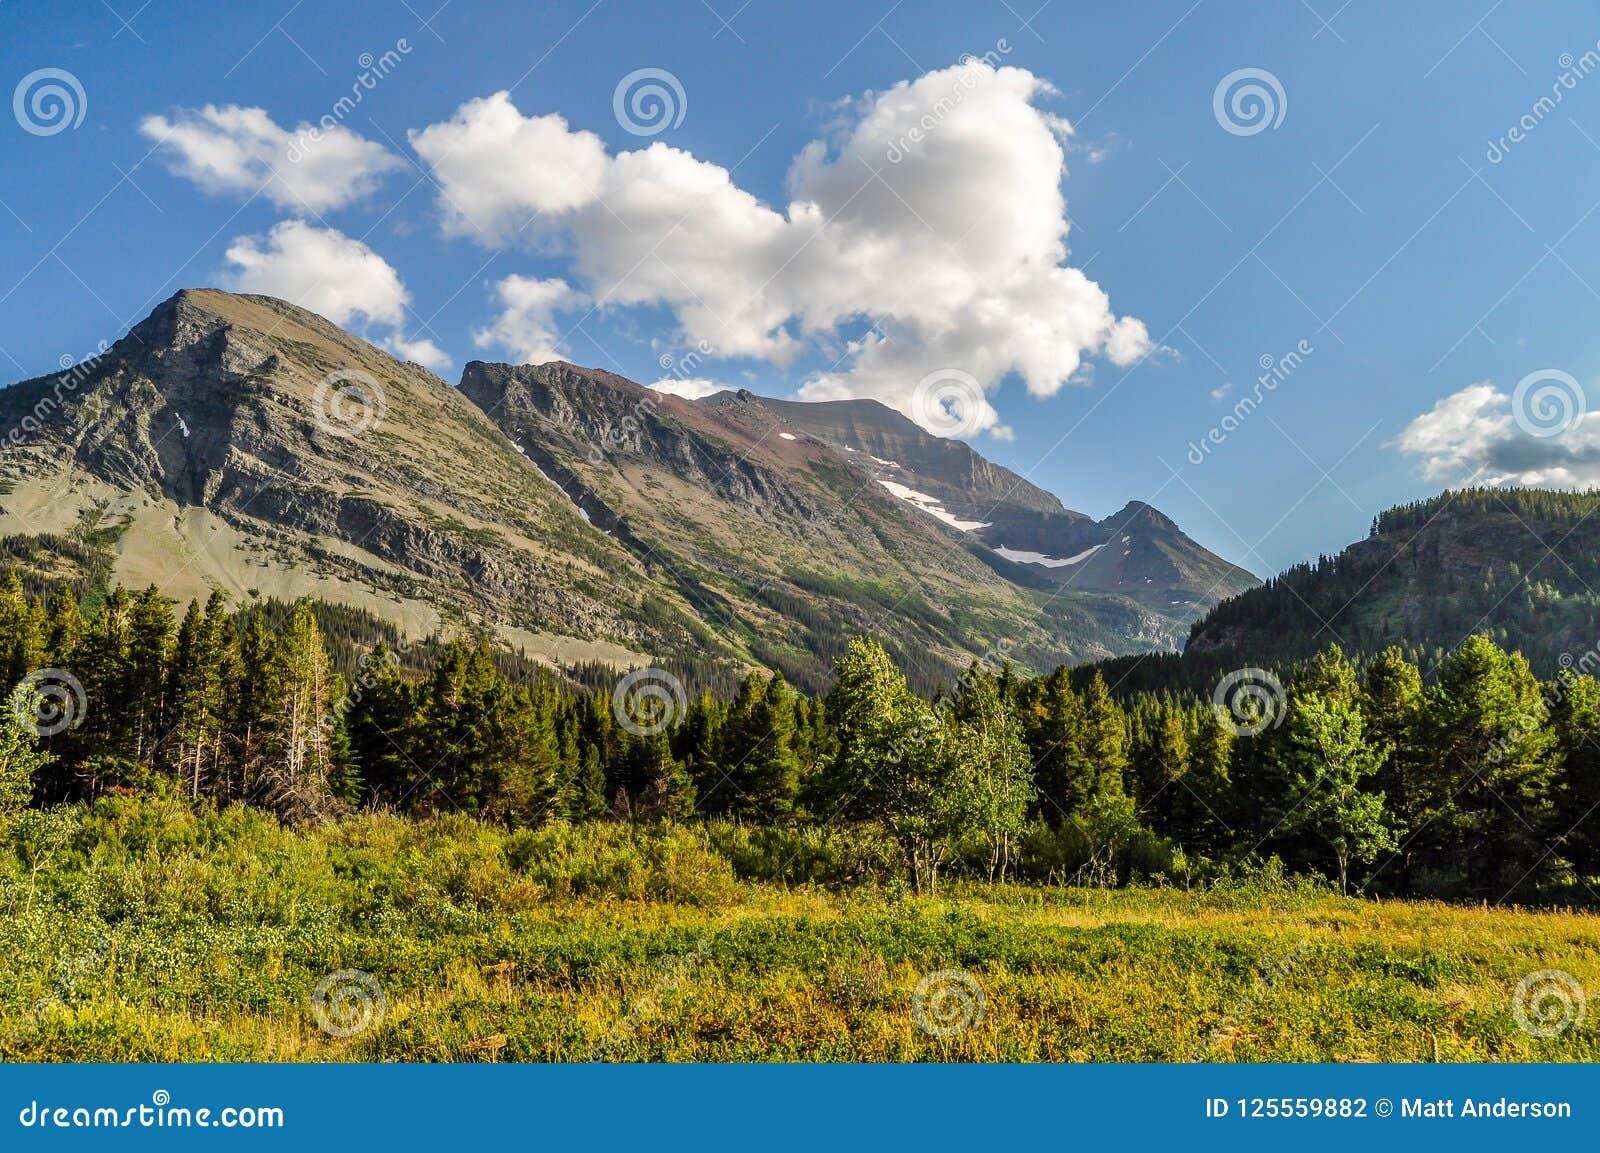 Las nubes blancas viajan a través de los cielos grandes sobre Parque Nacional Glacier